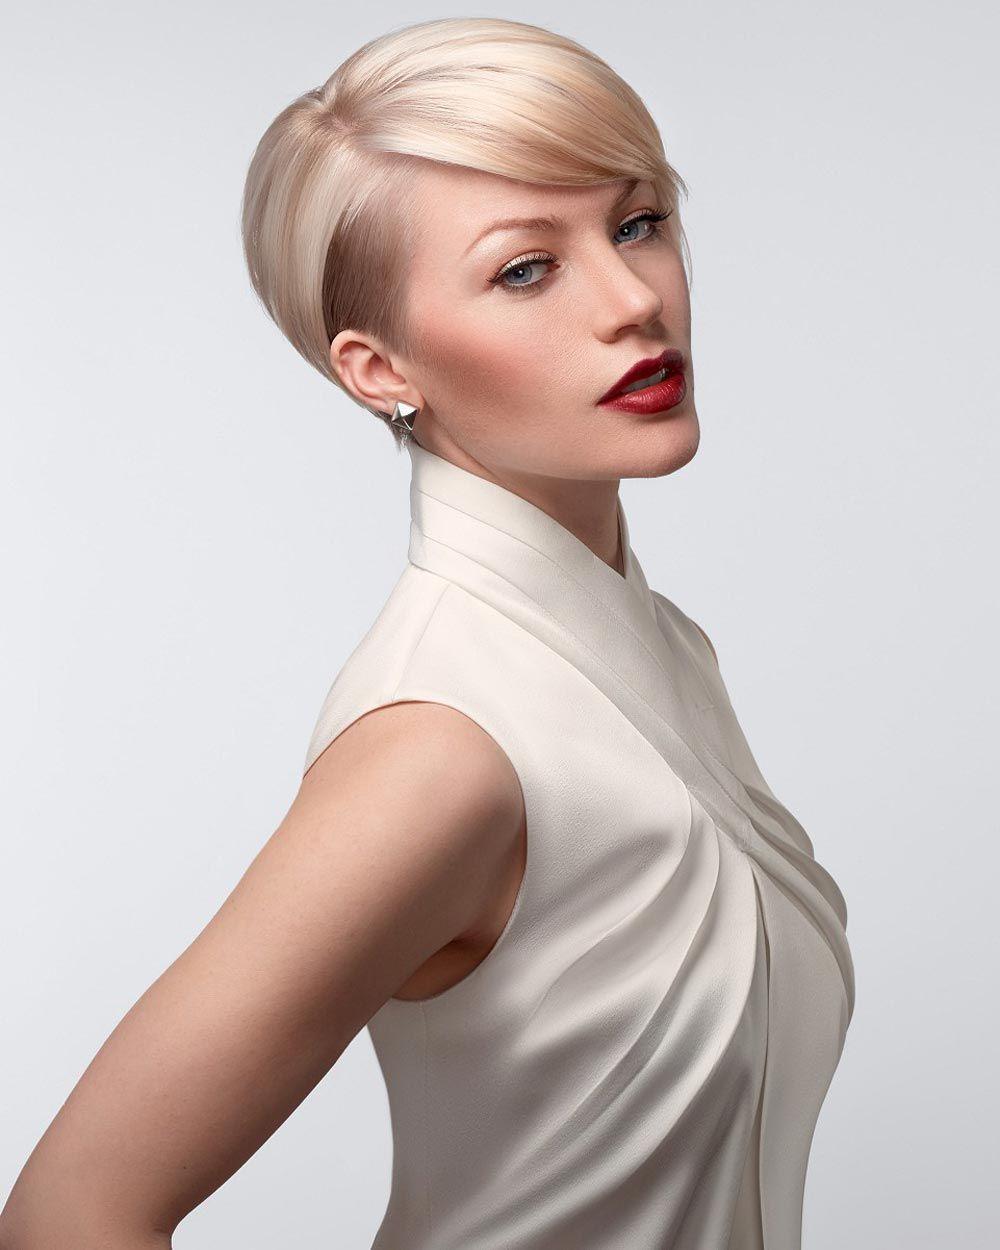 была обязанность модные современные женские стрижки фото ольги